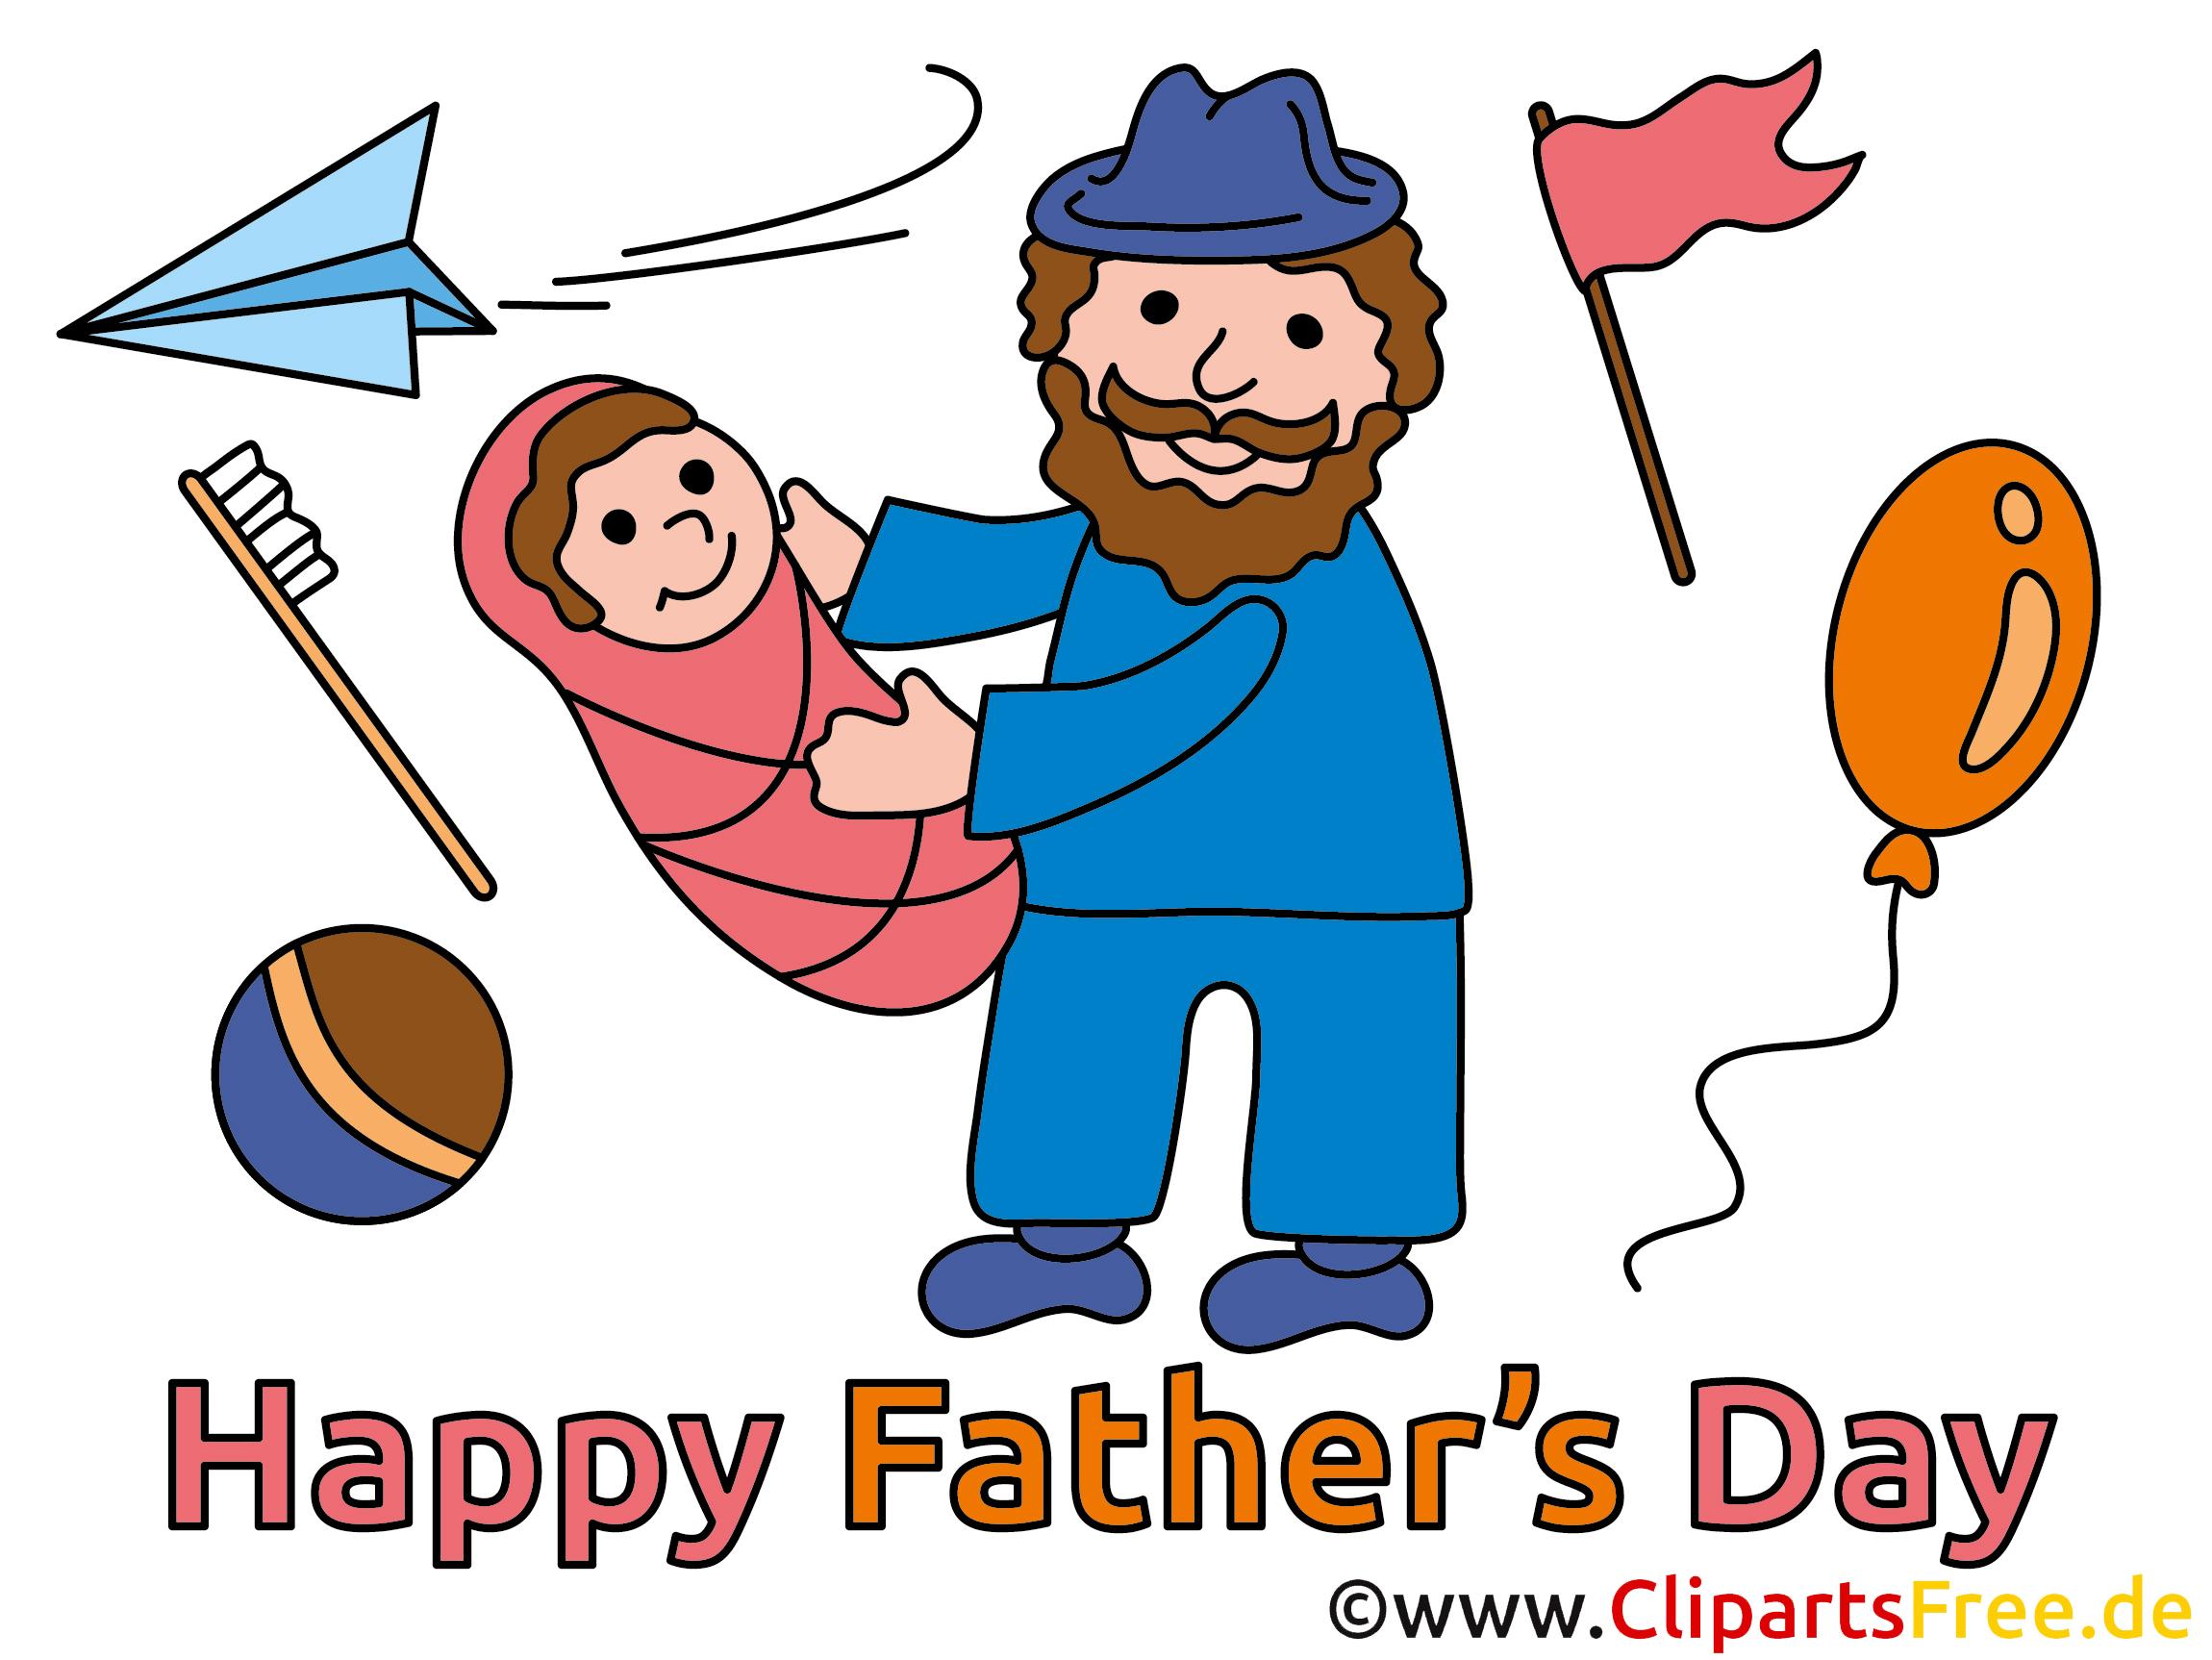 Vatertag Bilder kostenlos herunterladen und drucken